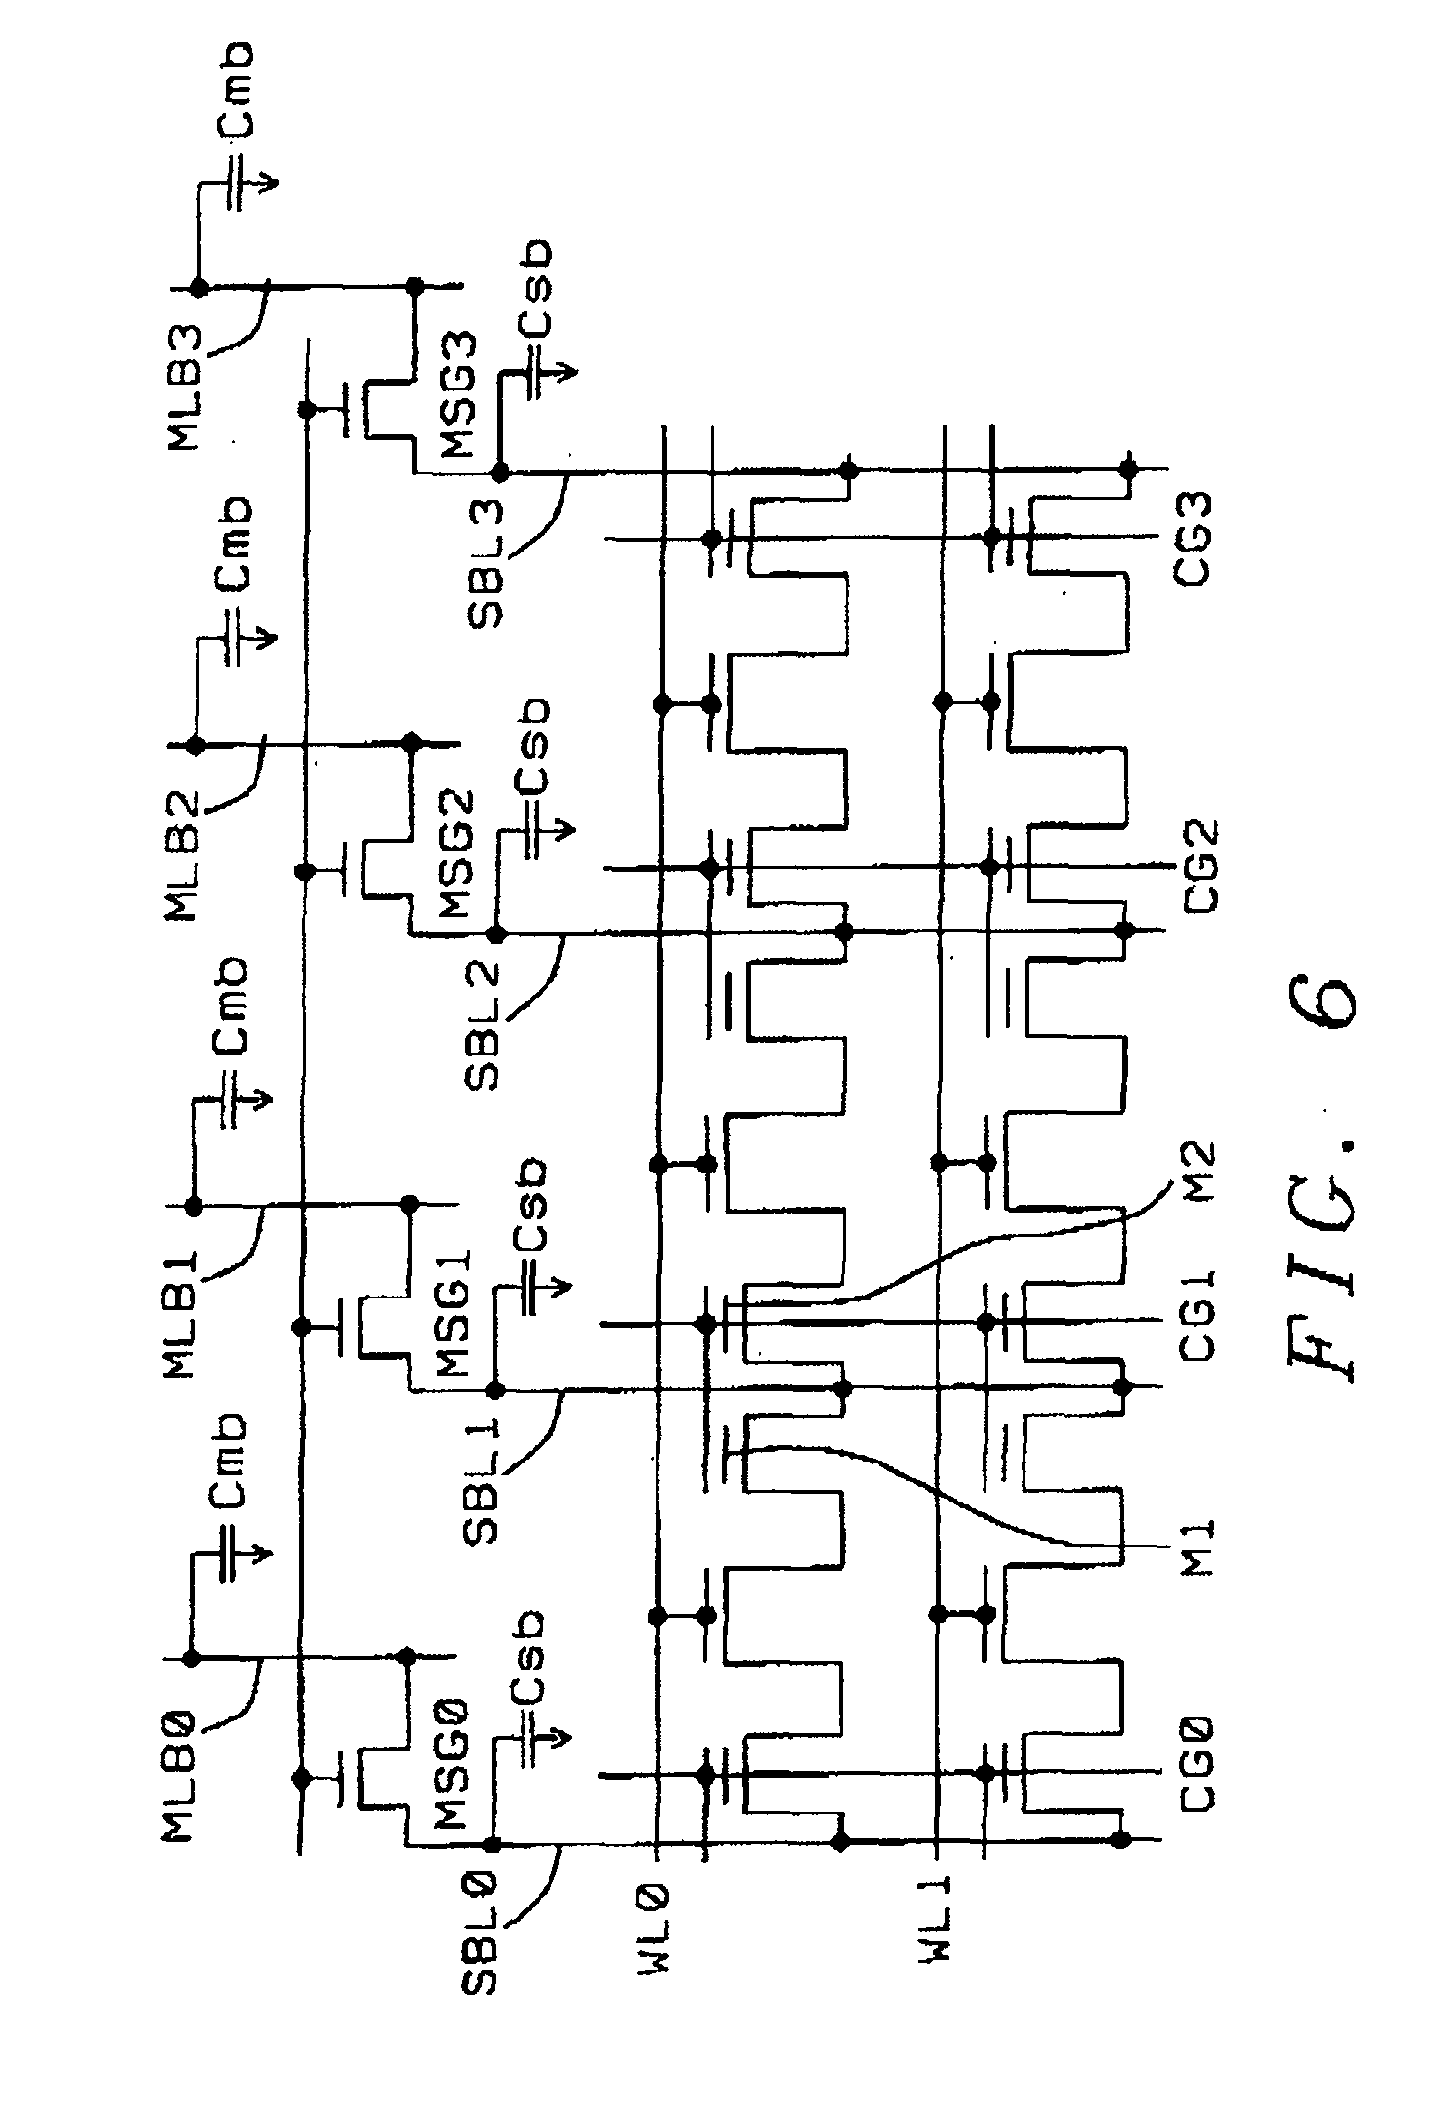 patent ep1246196a2 doppelbit monos speicherzellgebrauch f r breite programbandbreite google. Black Bedroom Furniture Sets. Home Design Ideas